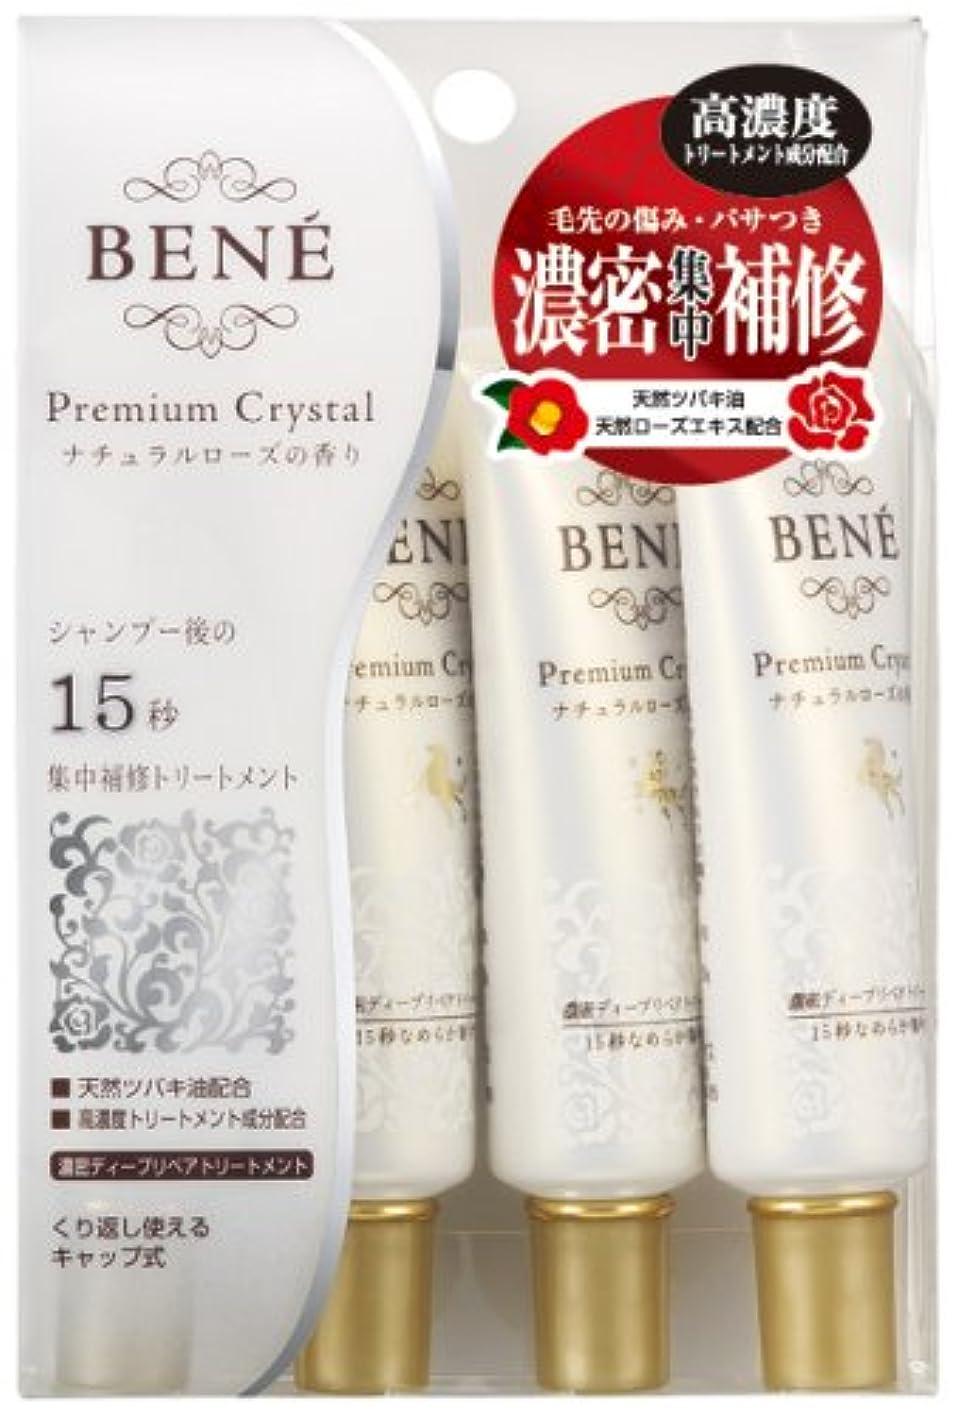 マイクロ団結するアパルBENE Premium Crystal(ベーネプレミアムクリスタル) 濃密ディープリペアトリートメント 20g×4本